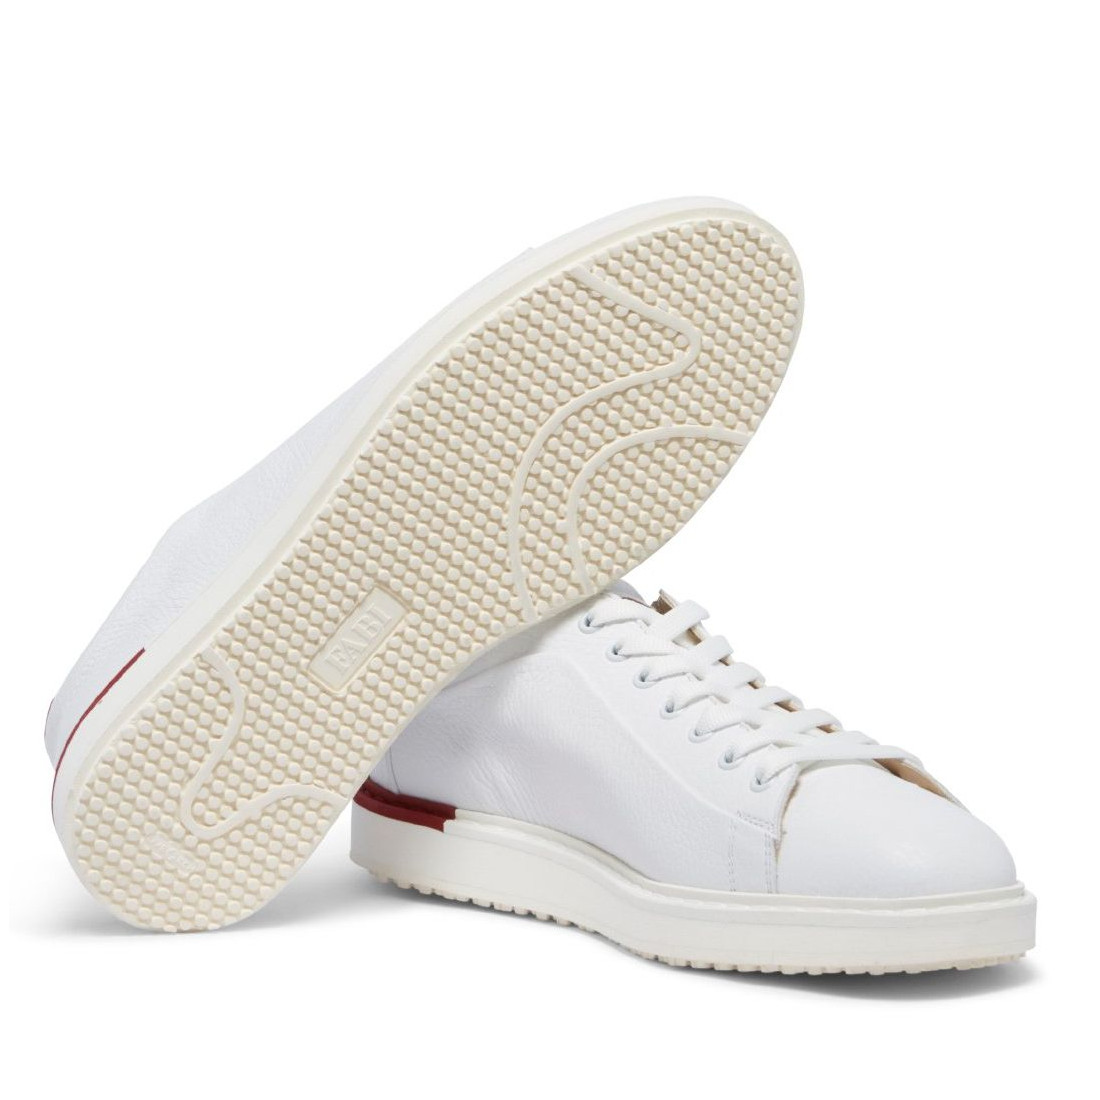 sneakers uomo fabi fu9325b04wimacxs60 6596